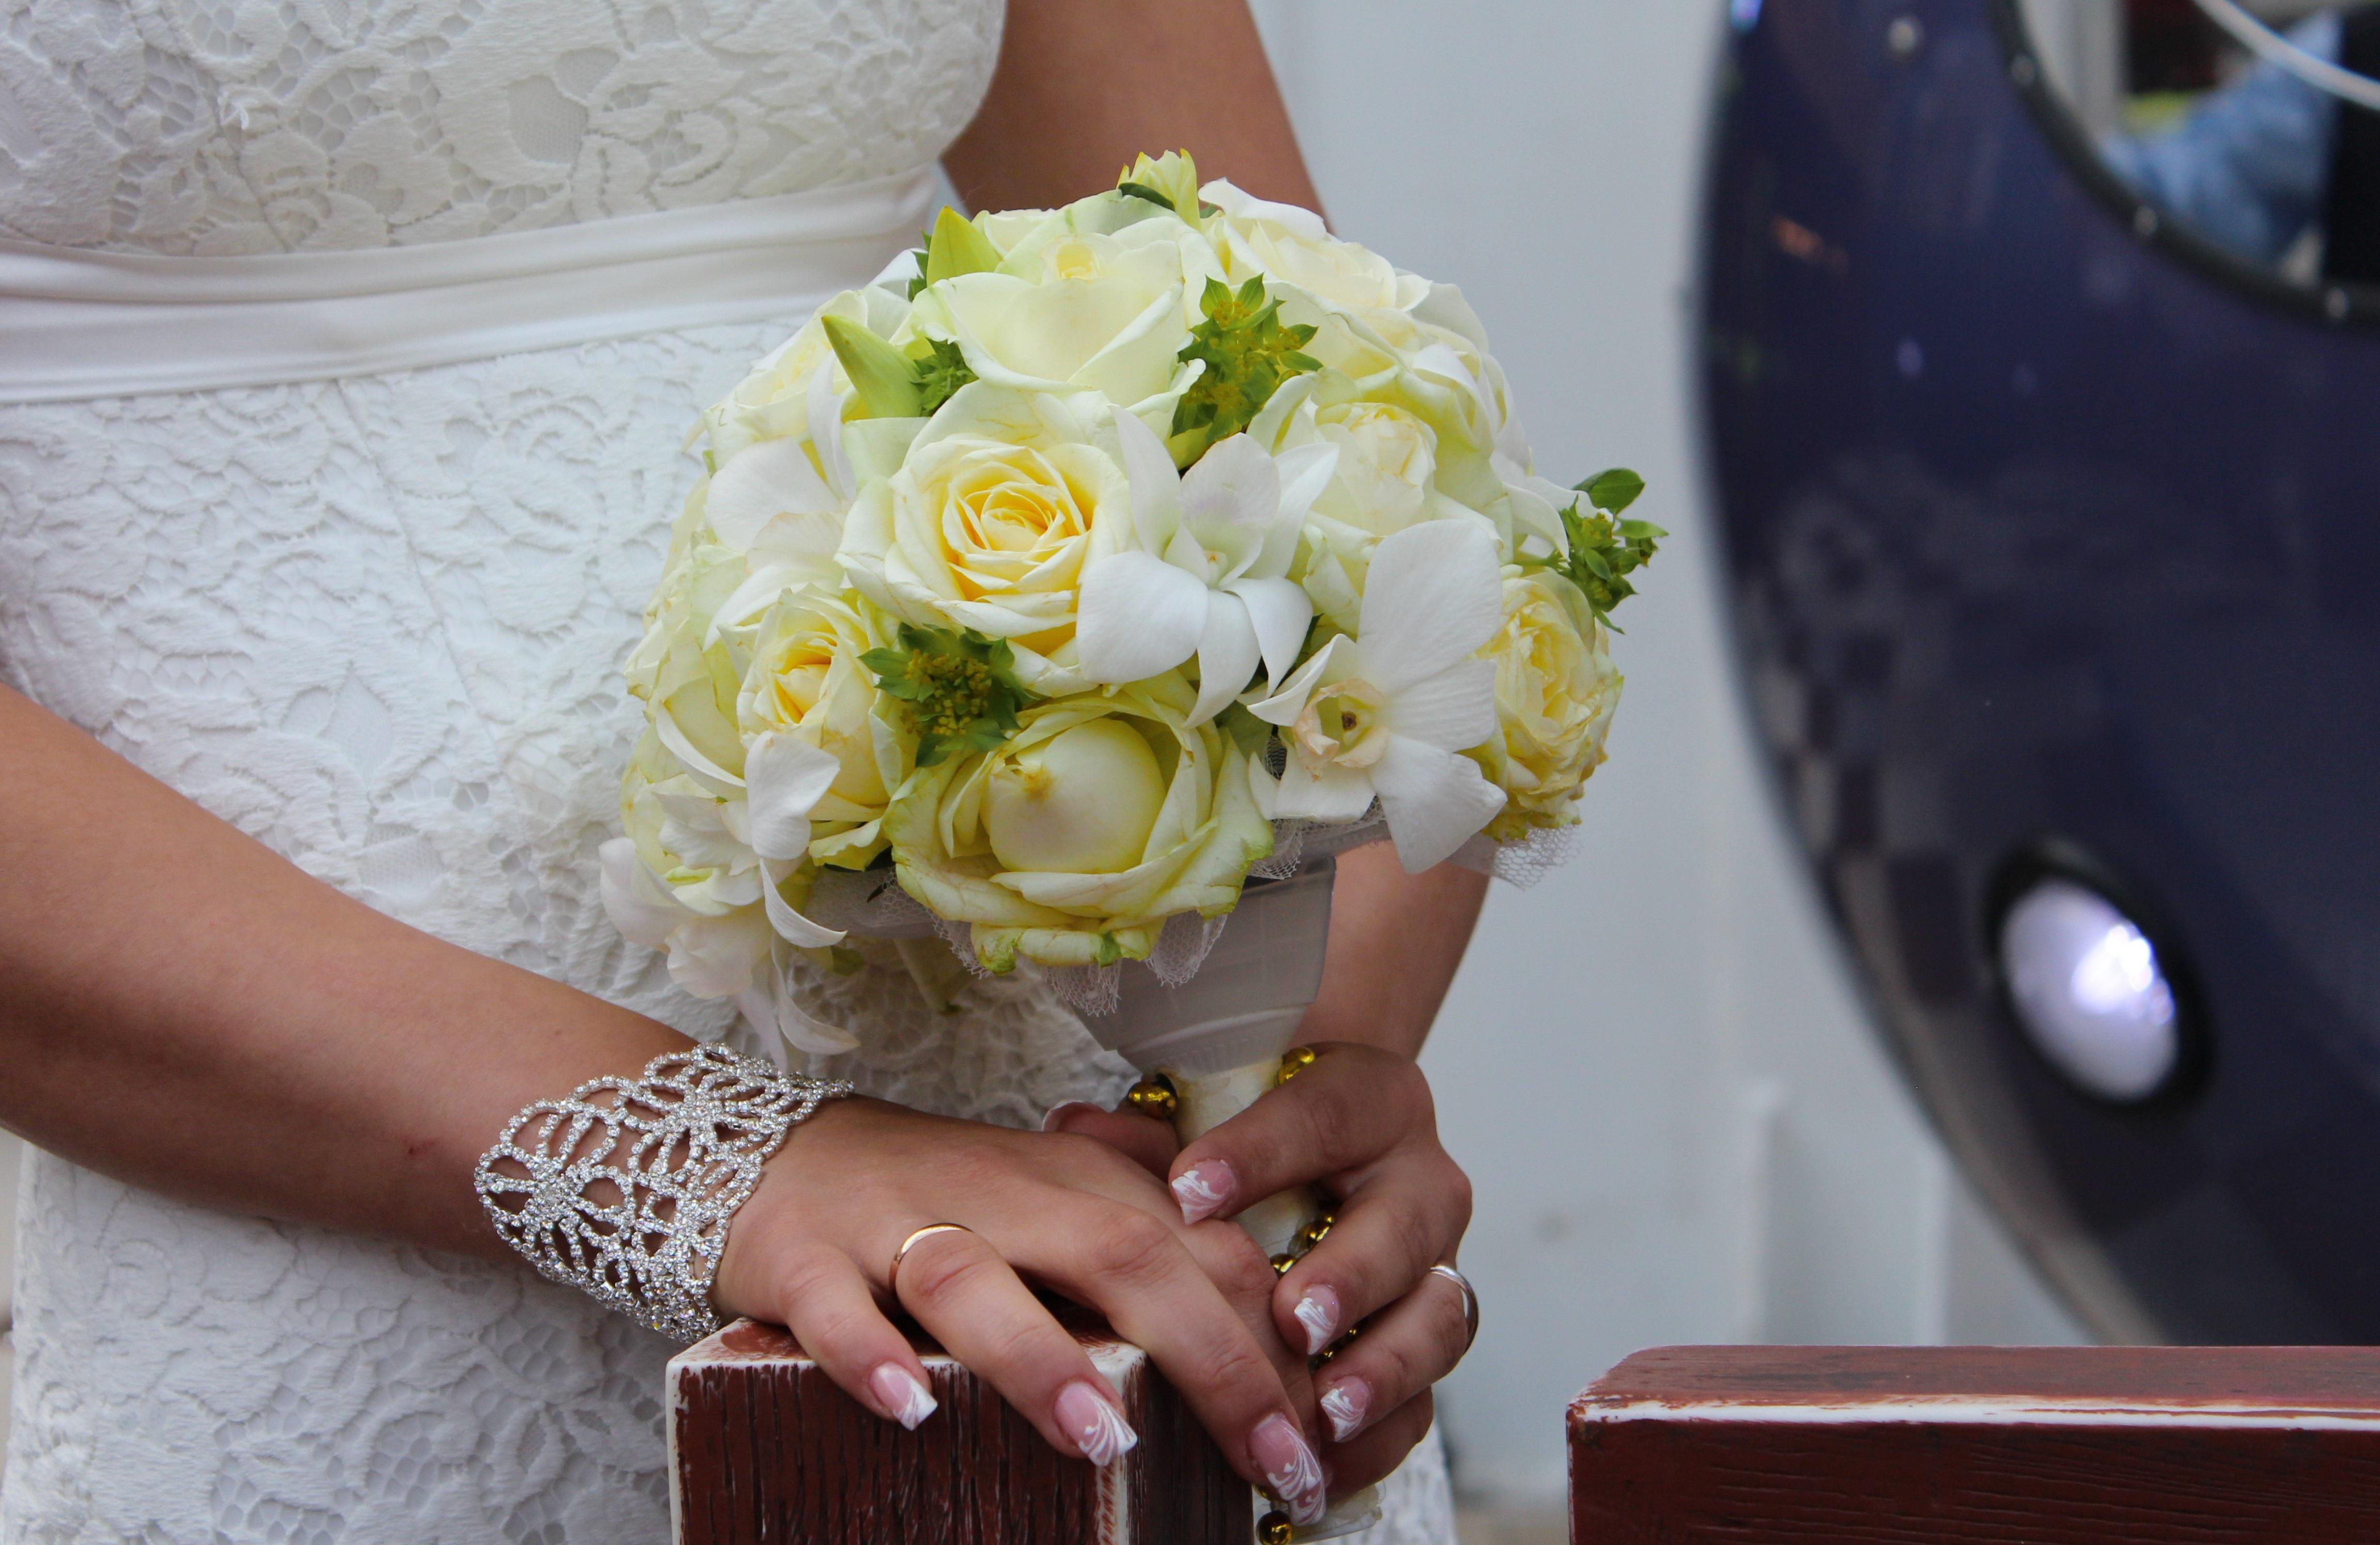 Poze Plantă Fată Femeie Inel Floare Vacanţă Galben Nuntă